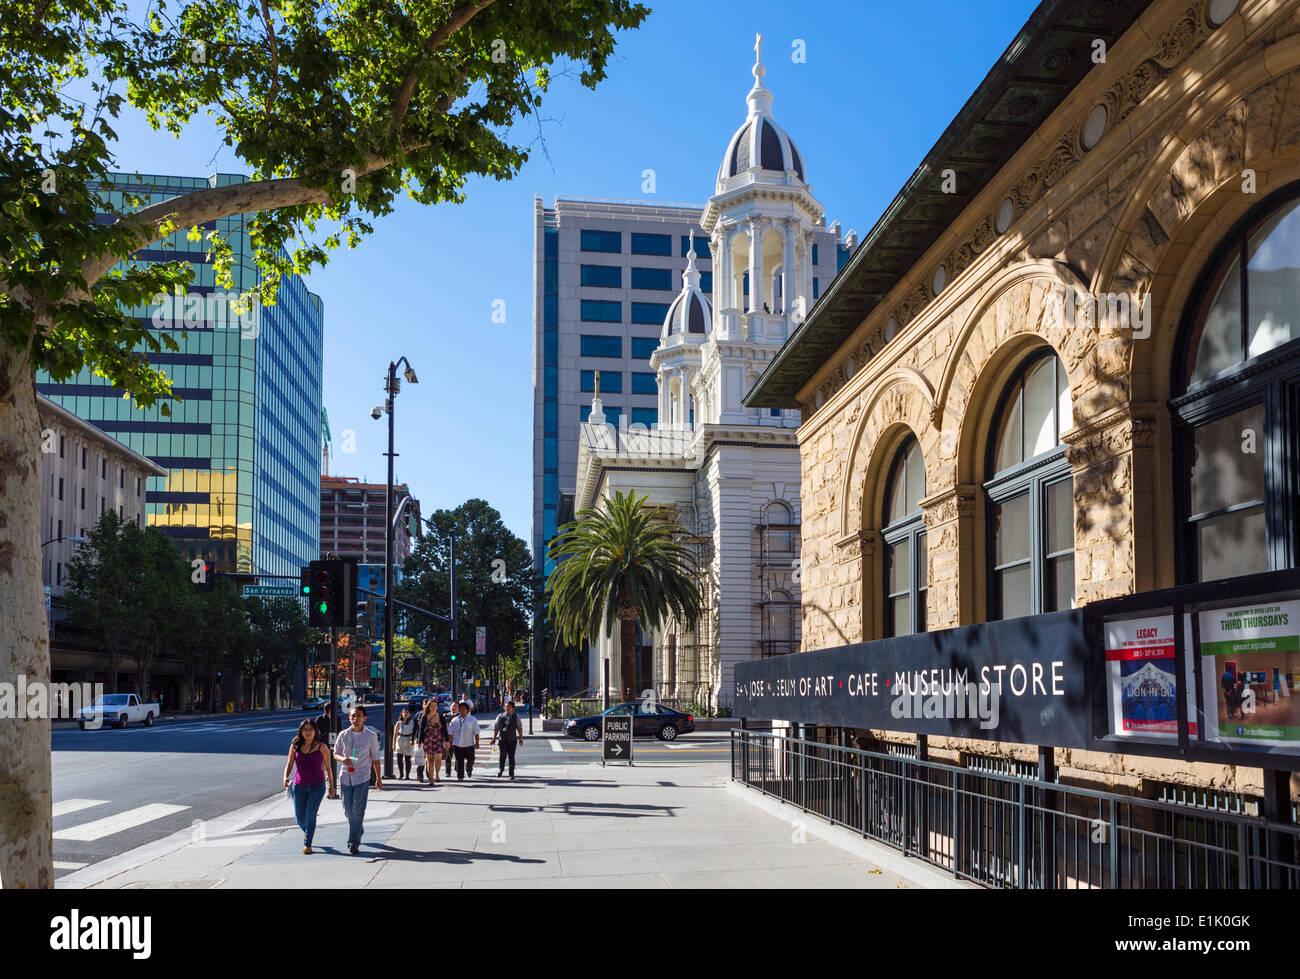 La Catedral y el Museo de Arte en Market Street en el centro de San José, Condado de Santa Clara, California, EE.UU. Imagen De Stock